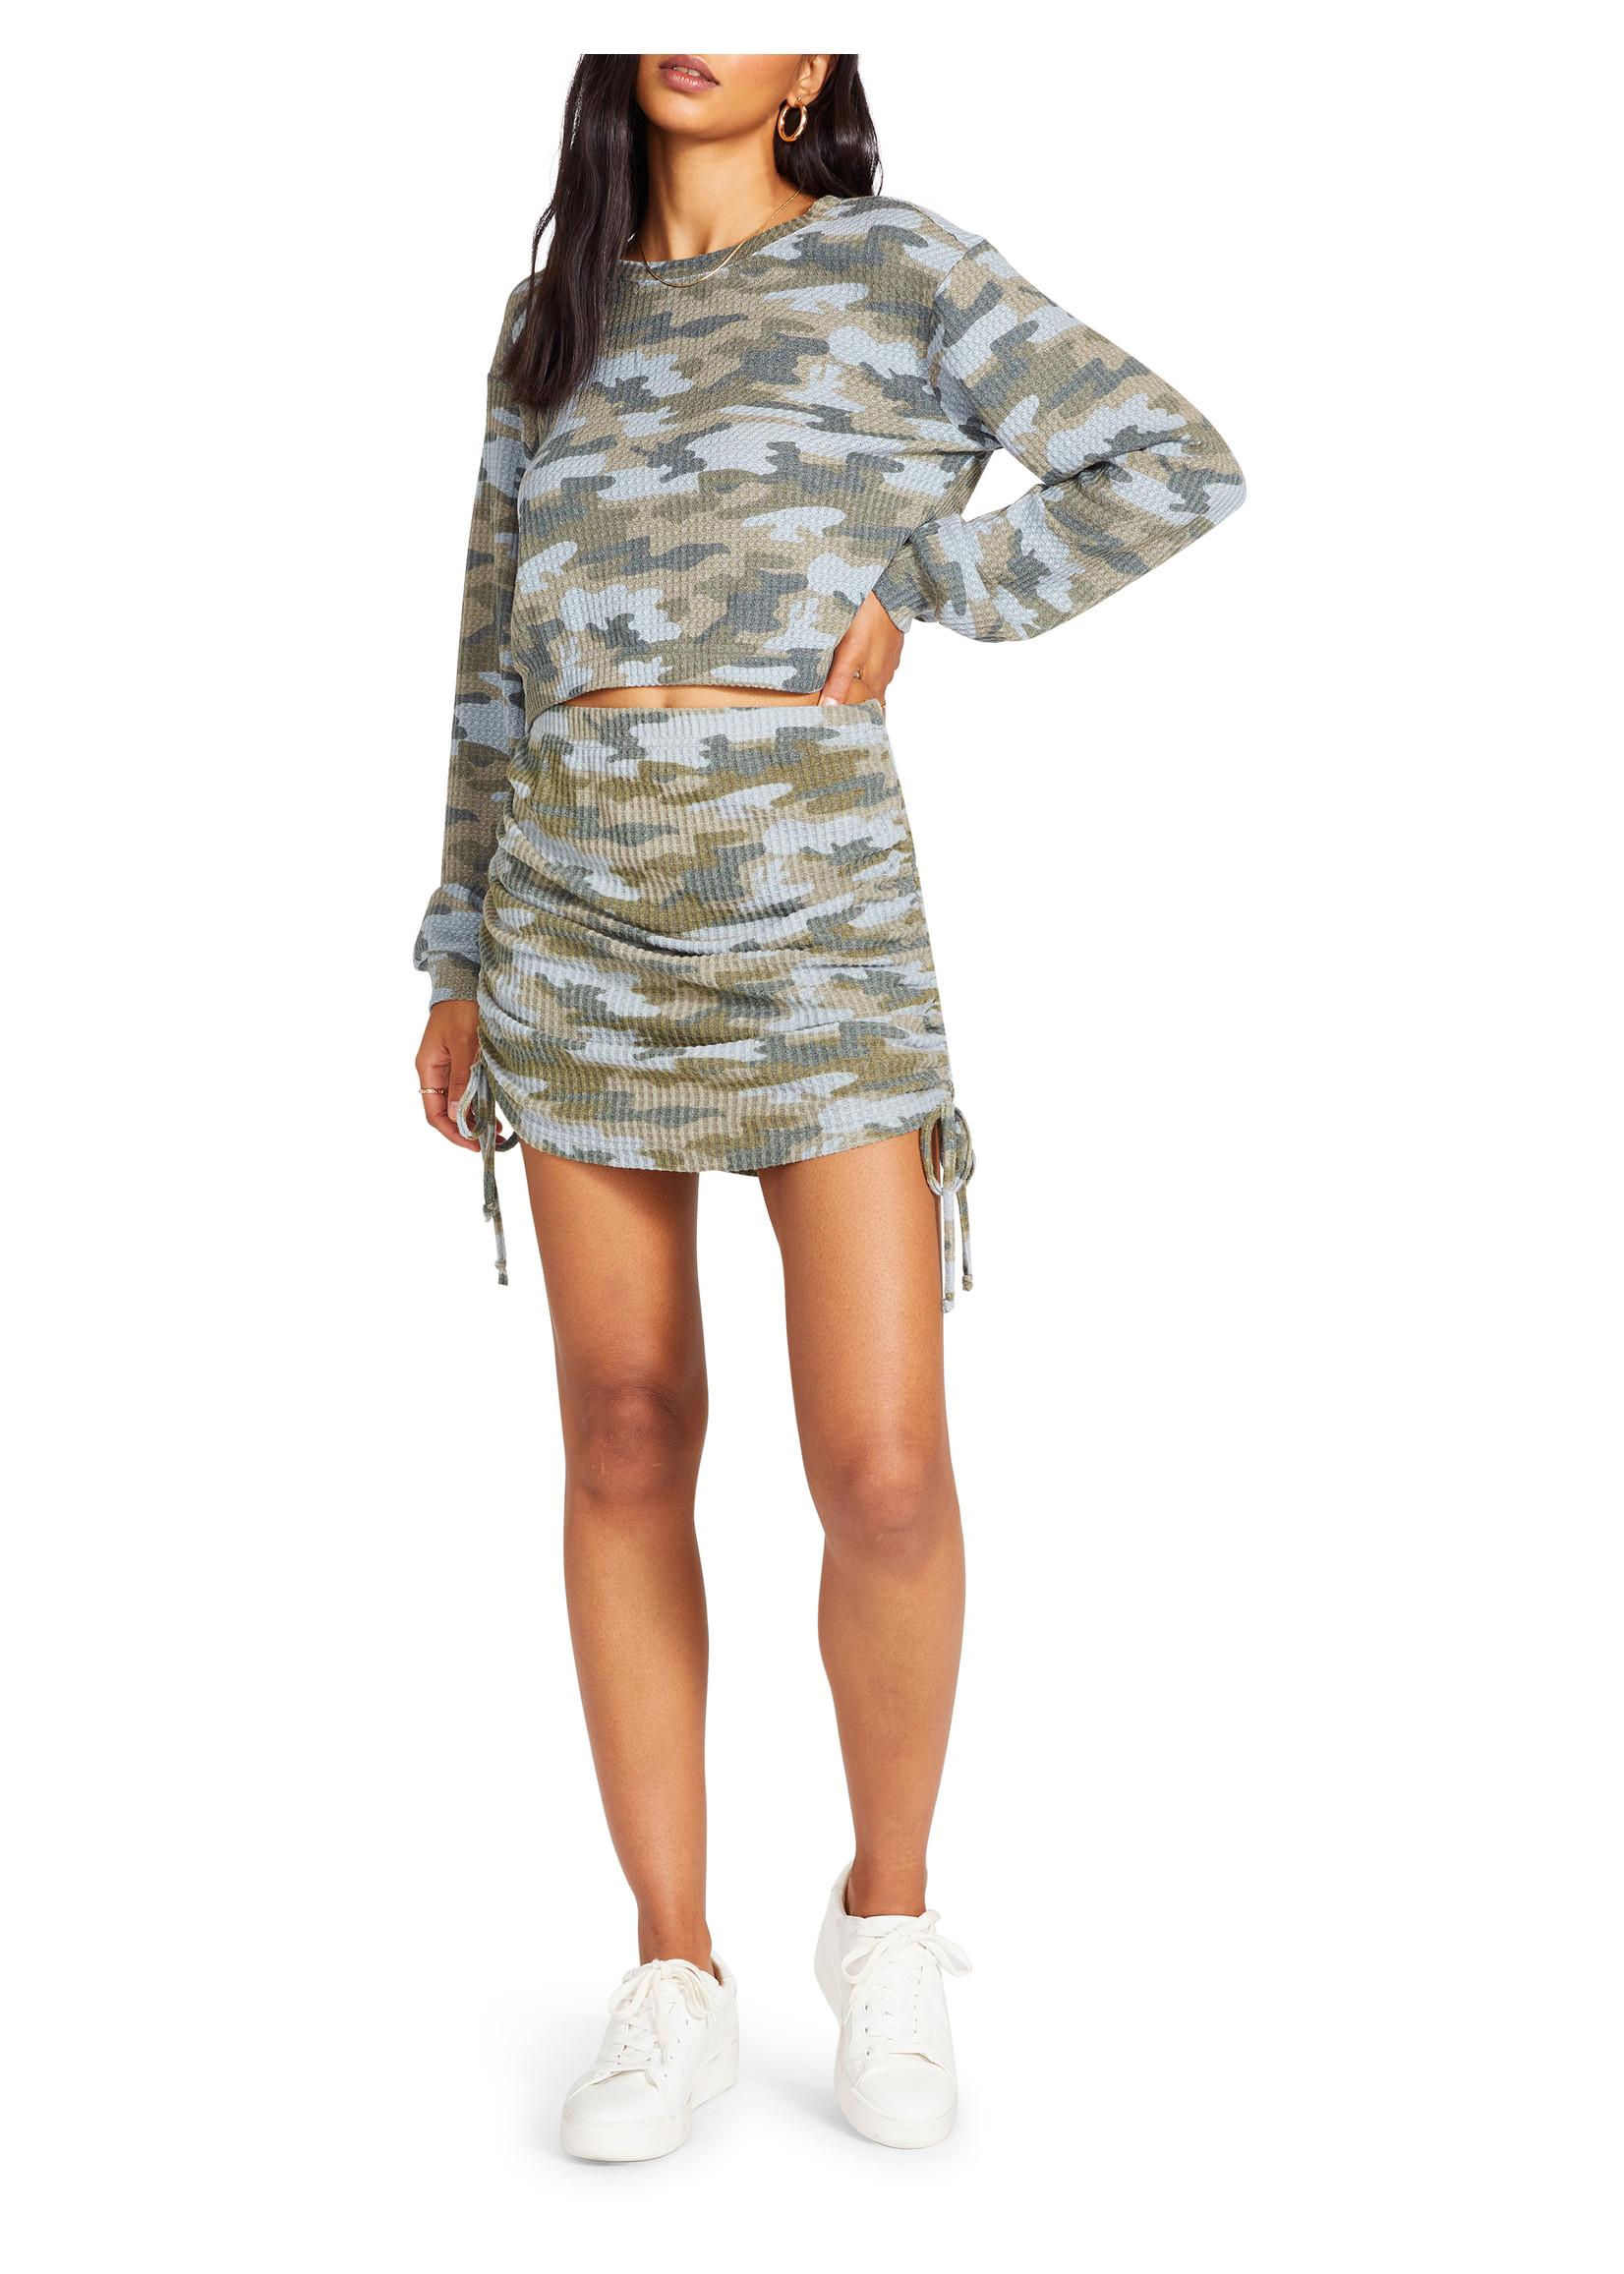 BB Dakota You V.S. Wild Skirt - BL209605